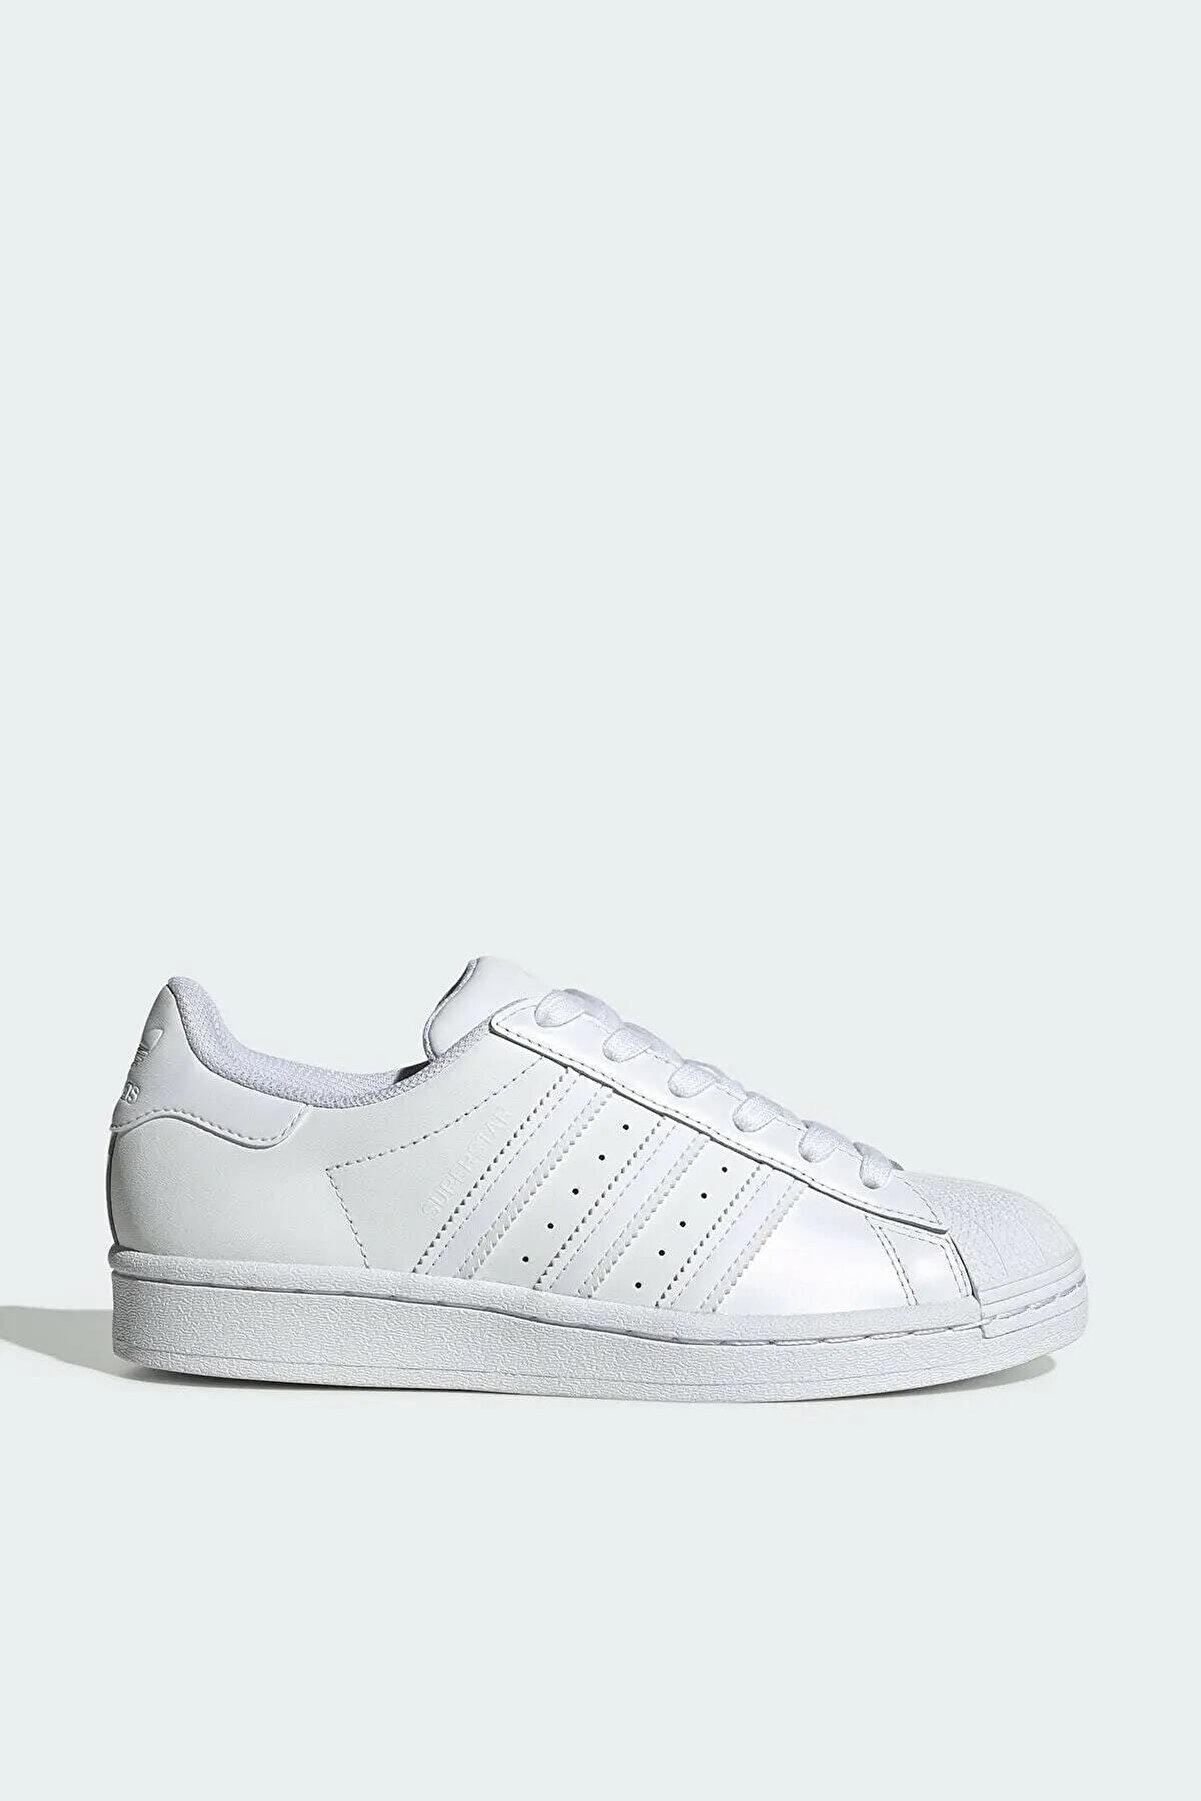 adidas Unisex Beyaz Günlük Spor Ayakkabı Süperstar B27136